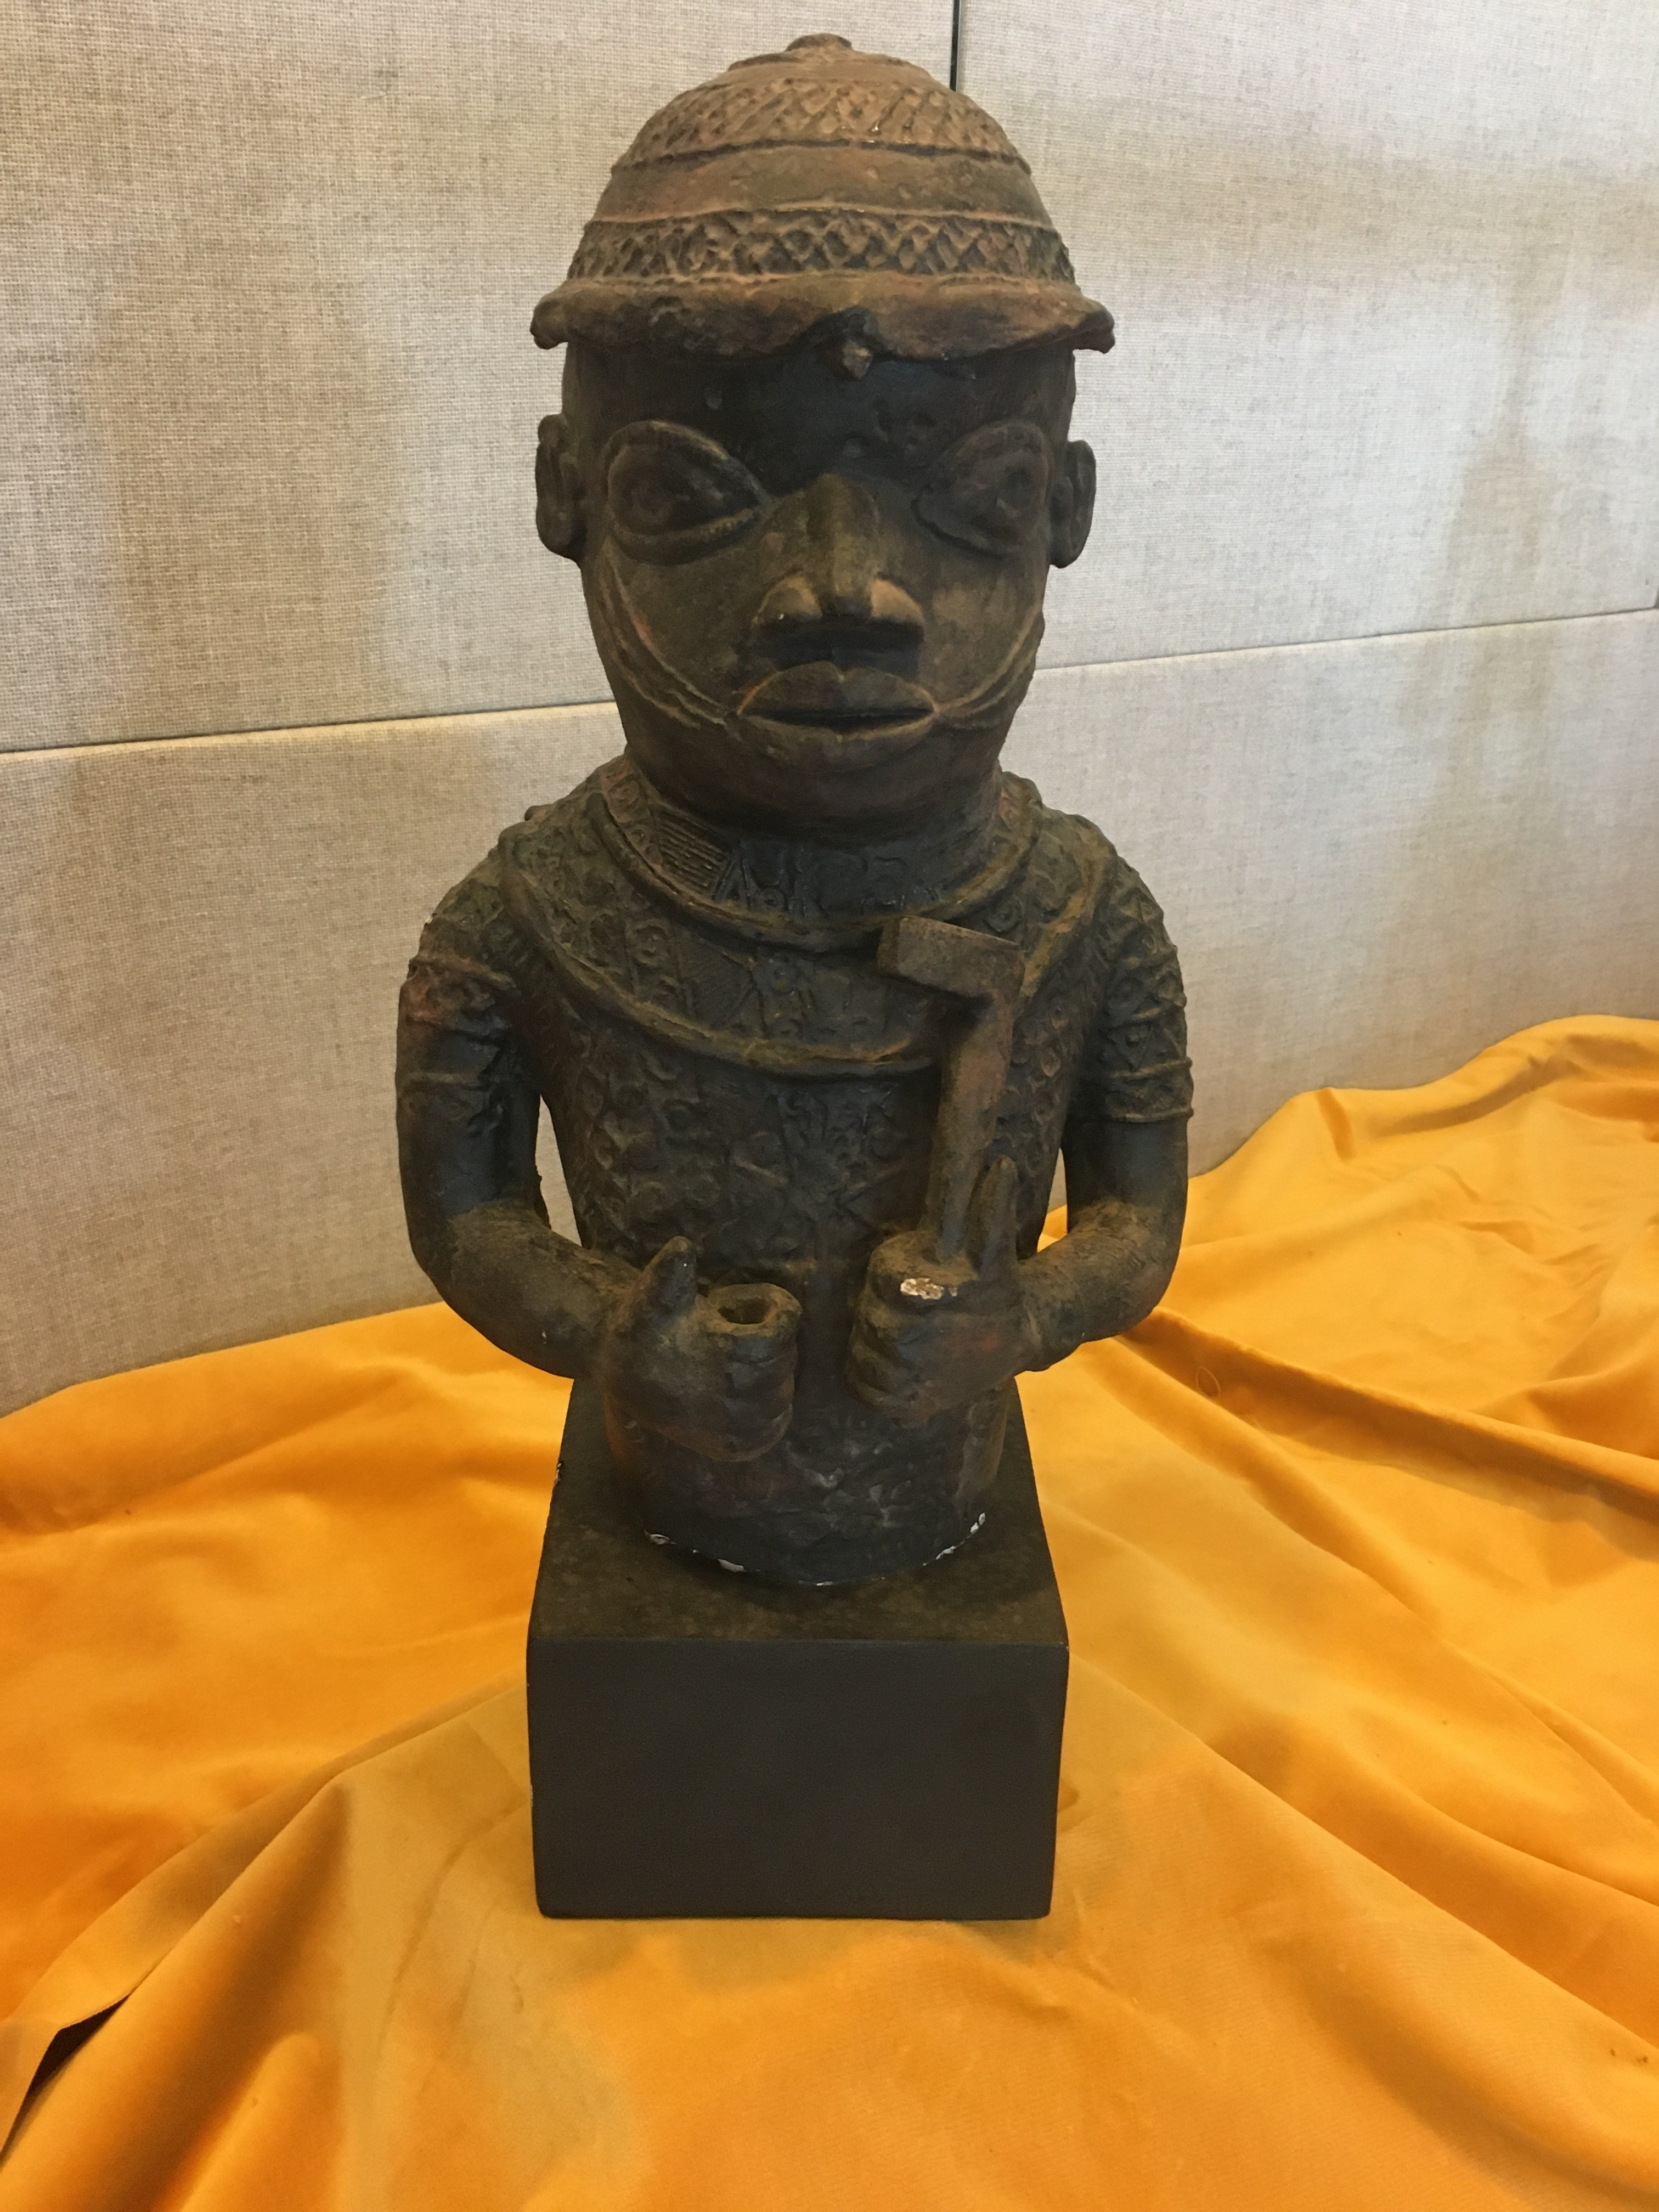 Sculpture of a Benin Courtier from the waist up